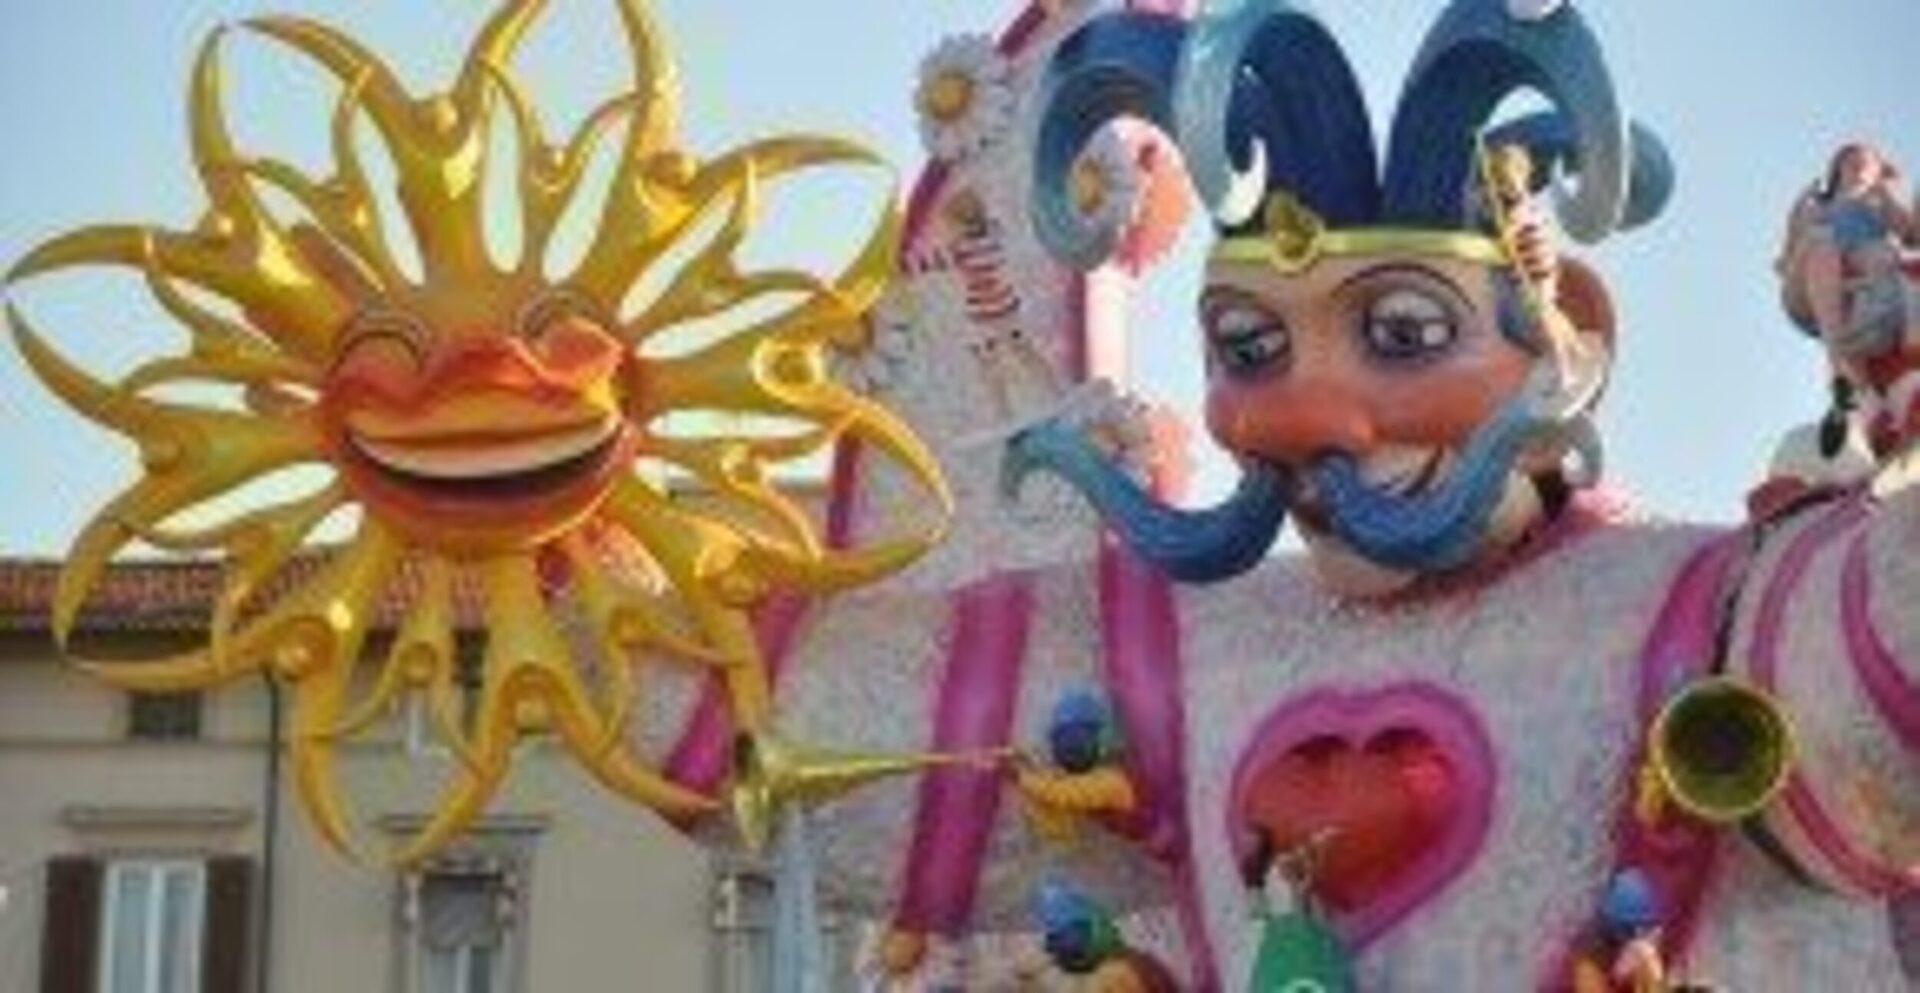 Carnevale 2012 in Italia, tutti i programmi: Venezia, Fano e Viareggio